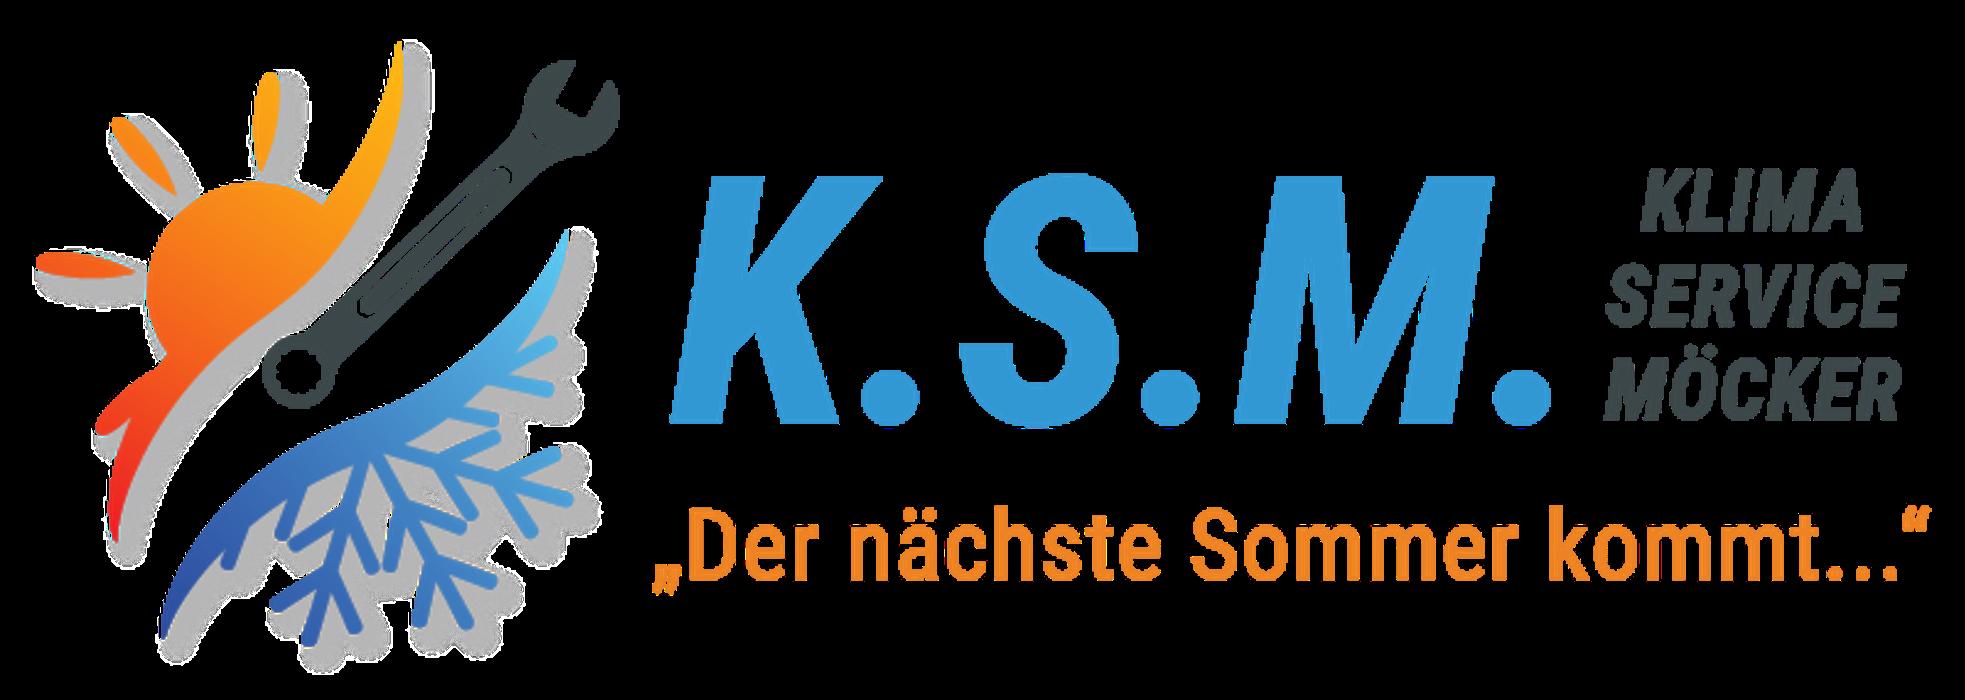 Bild zu K.S.M. Klima Service Möcker in Biesenthal in Brandenburg